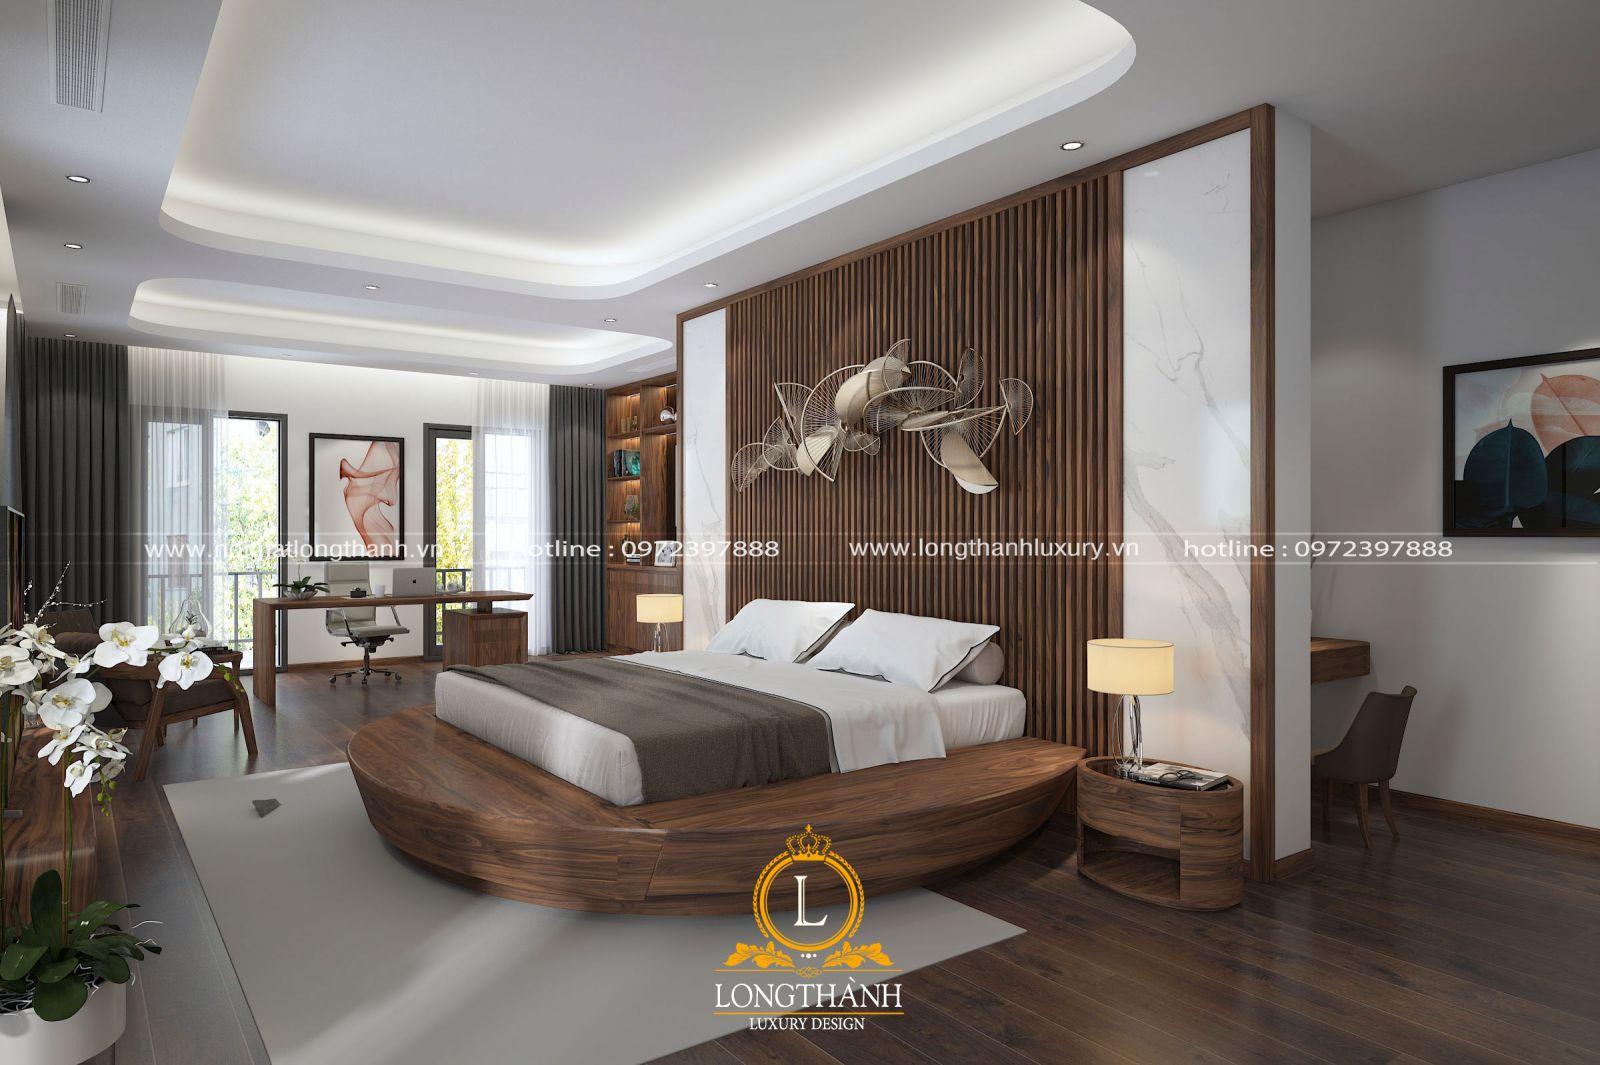 Vật dụng trang trí độc đáo cho phòng ngủ cao cấp bằng gỗ